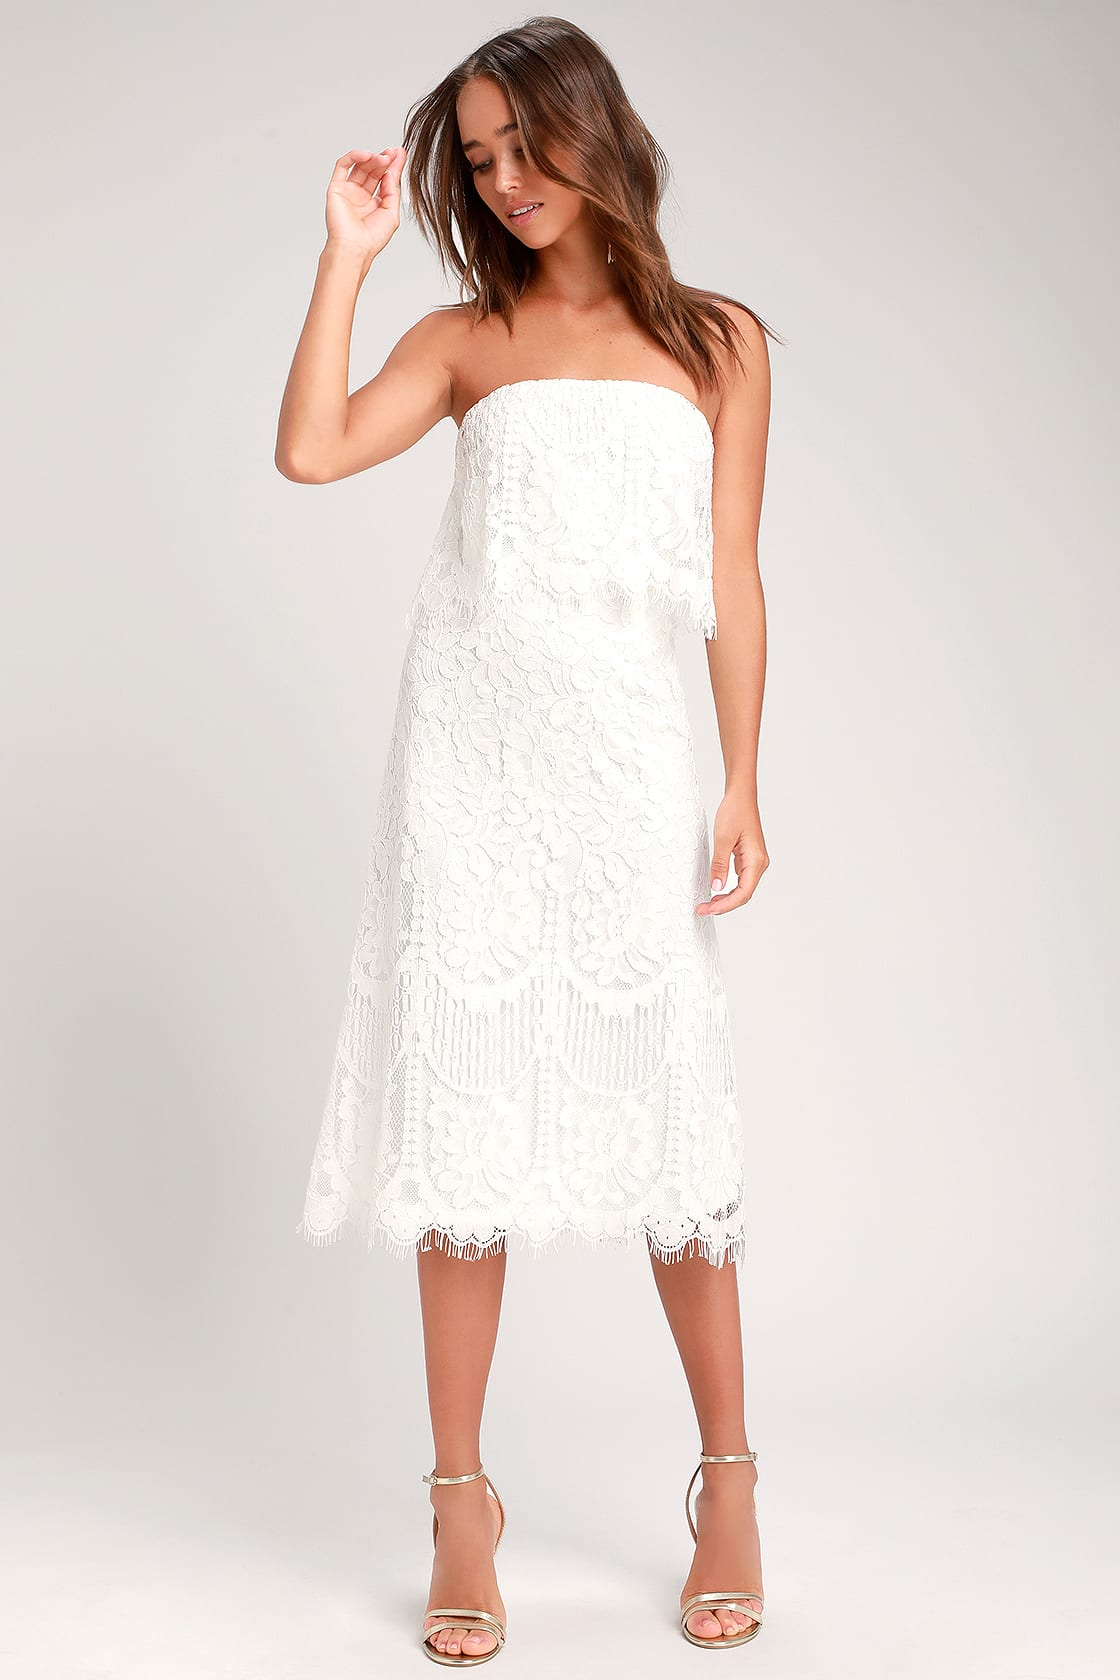 Delia White Lace Strapless Midi Dress